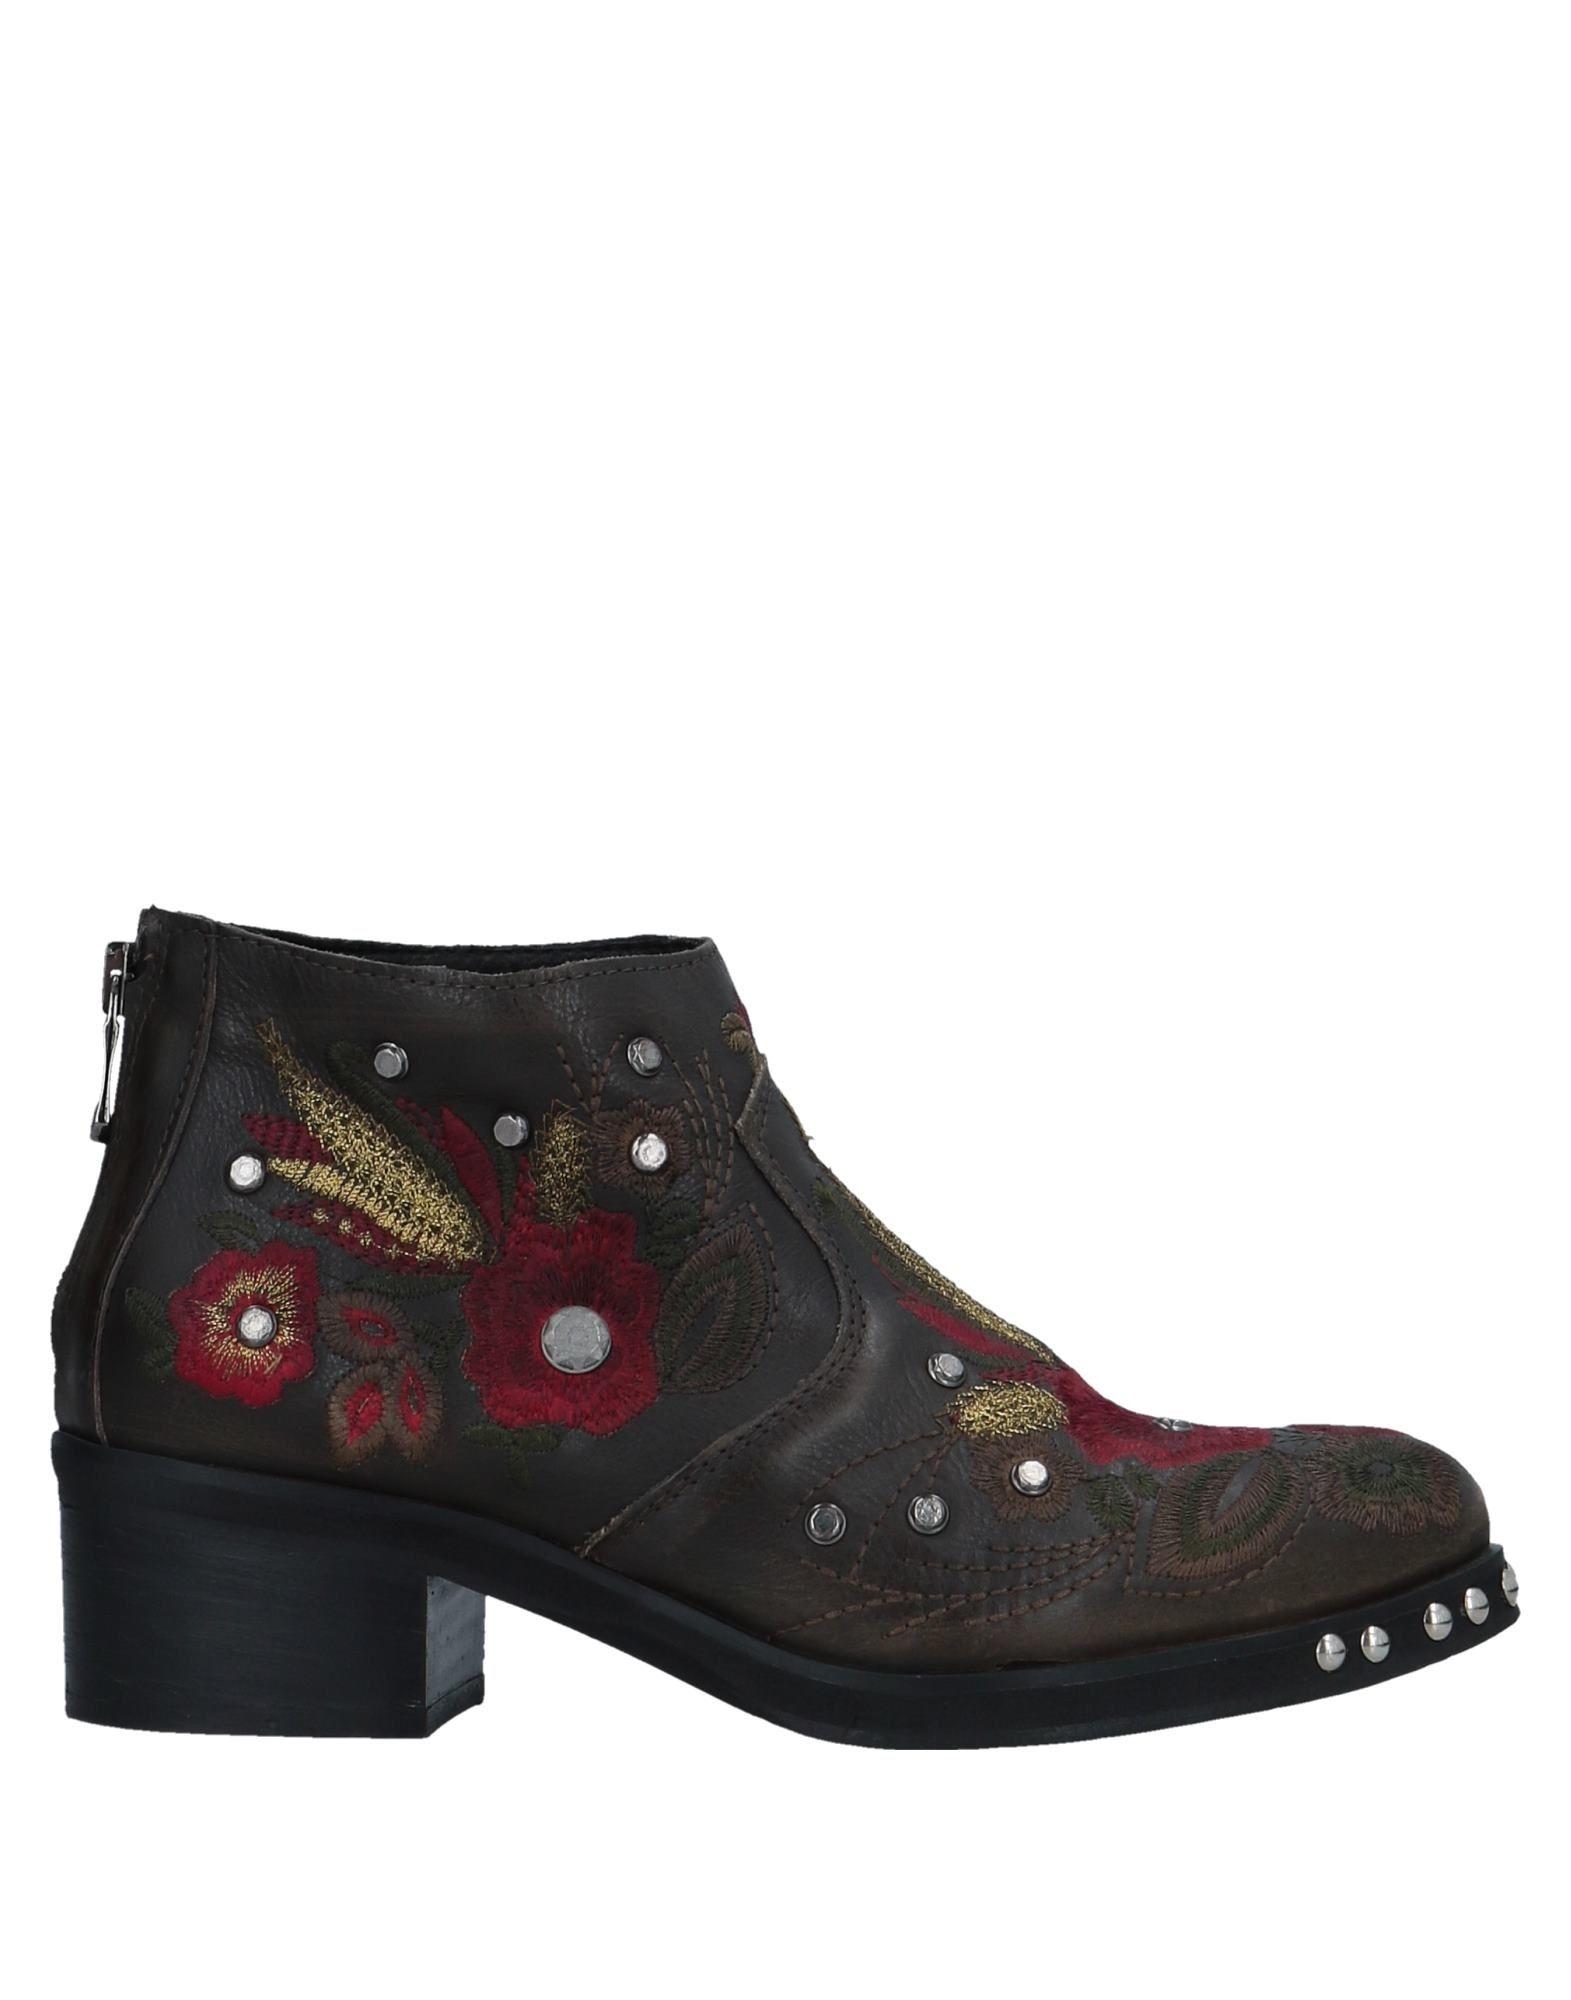 Curiosité Ankle Boot Boots - Women Curiosité Ankle Boots Boot online on  Australia - 11530801CK 64a217